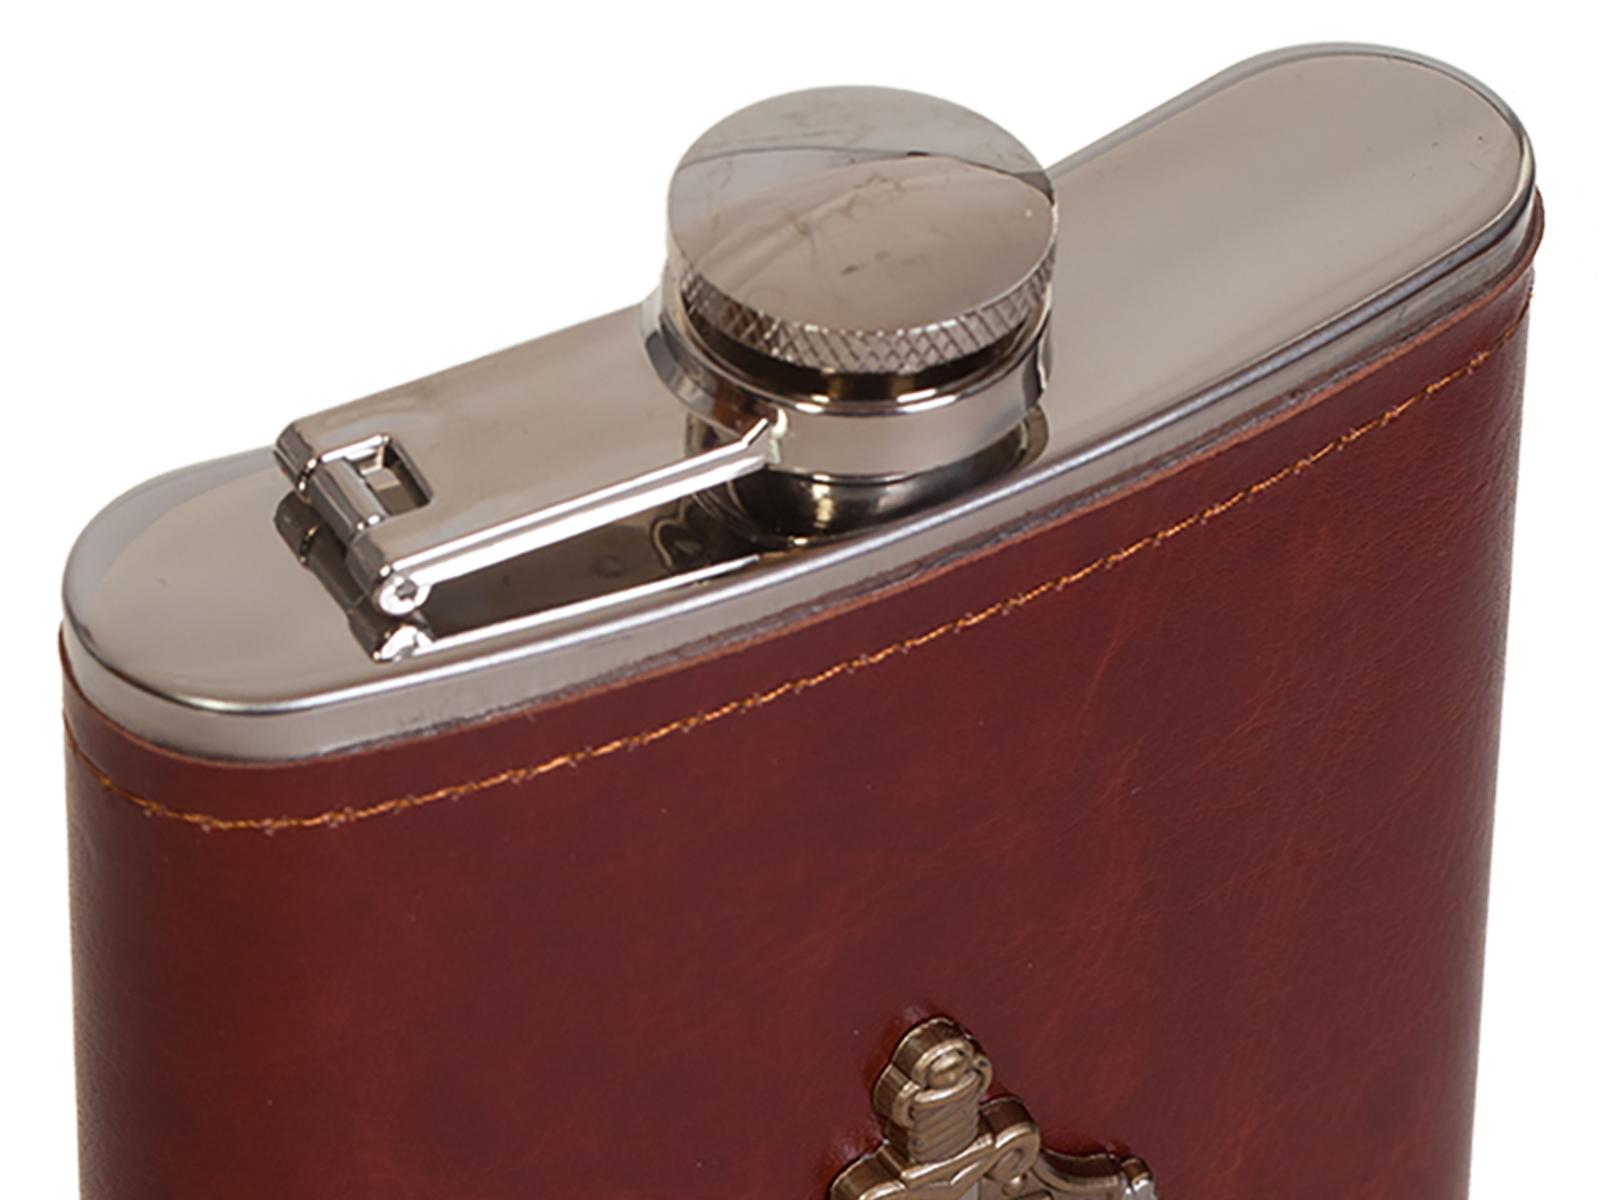 Карманная фляжка в кожаном чехле с накладкой МВД России - купить в подарок